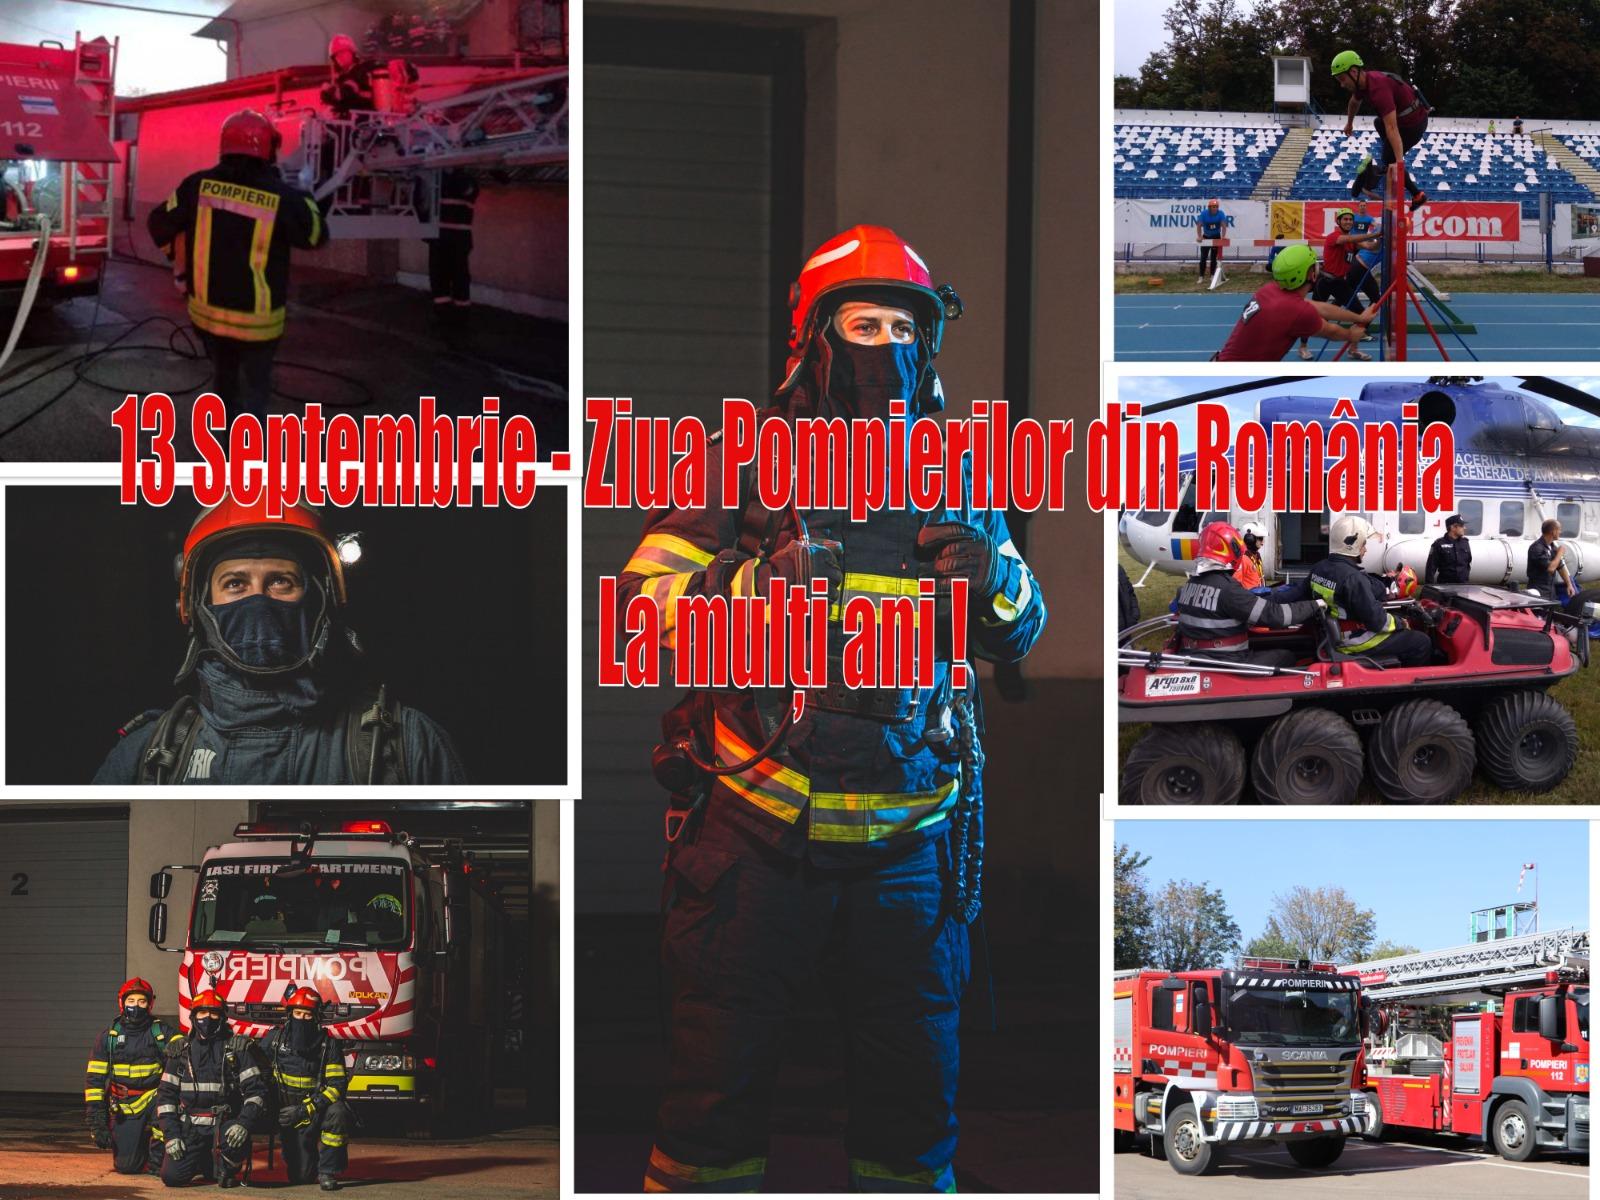 13 semtebrie - Ziua Pompierilor din România